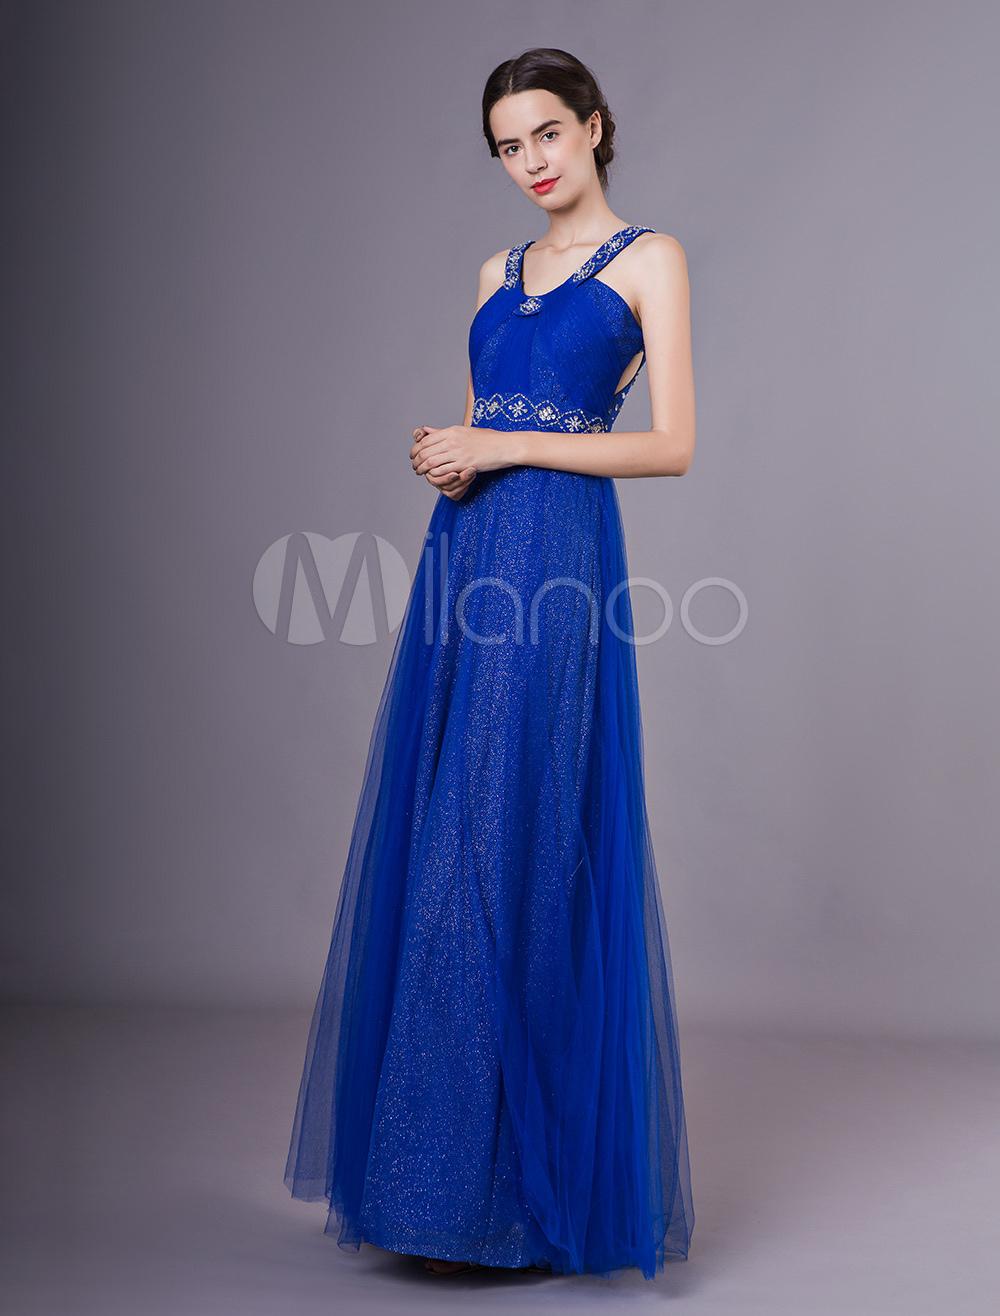 Abendkleider formale k nigsblau t ll ausschnitt perlen - Kleider milanoo ...